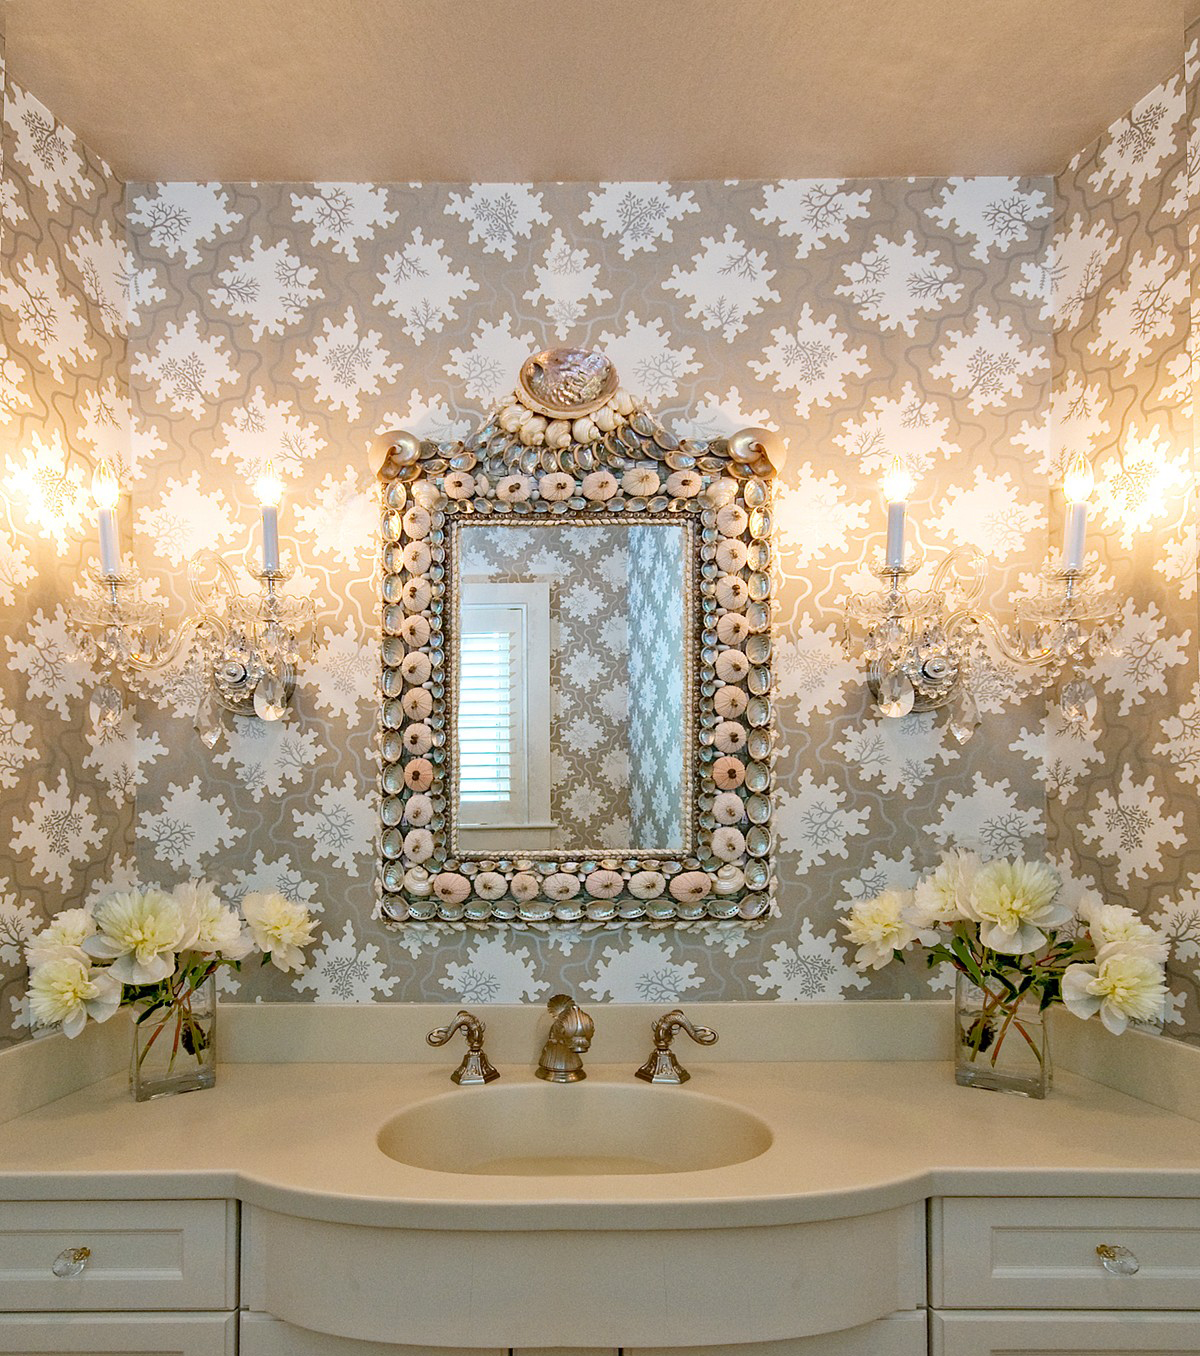 Обои для классической ванной комнаты